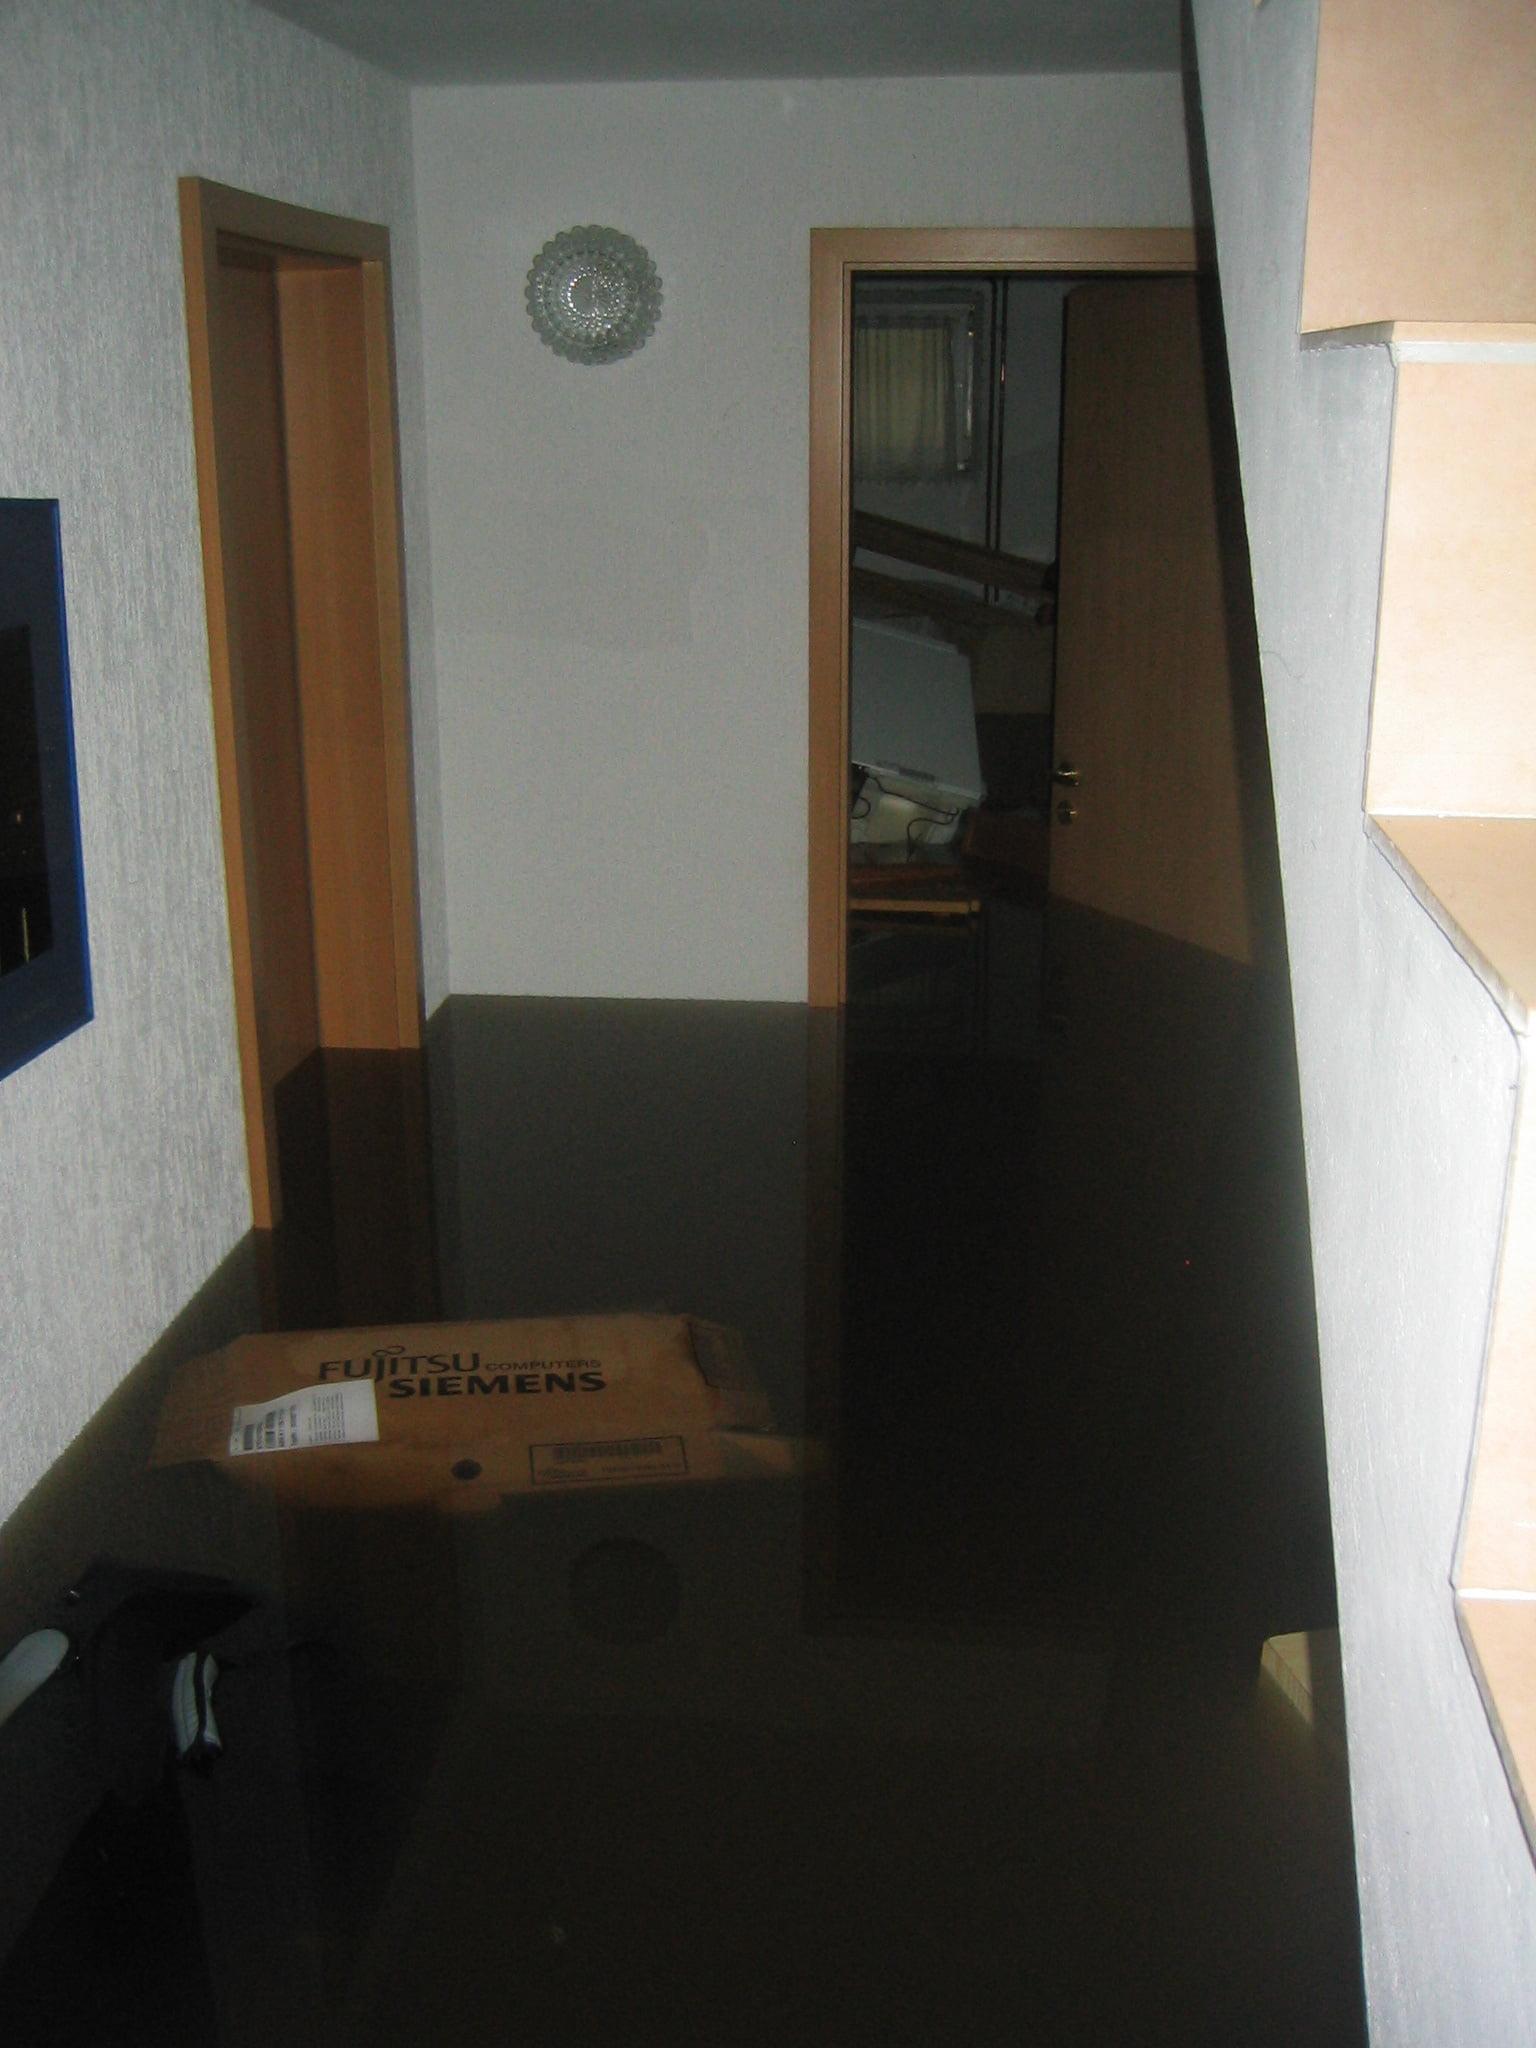 Hochwasser im Keller